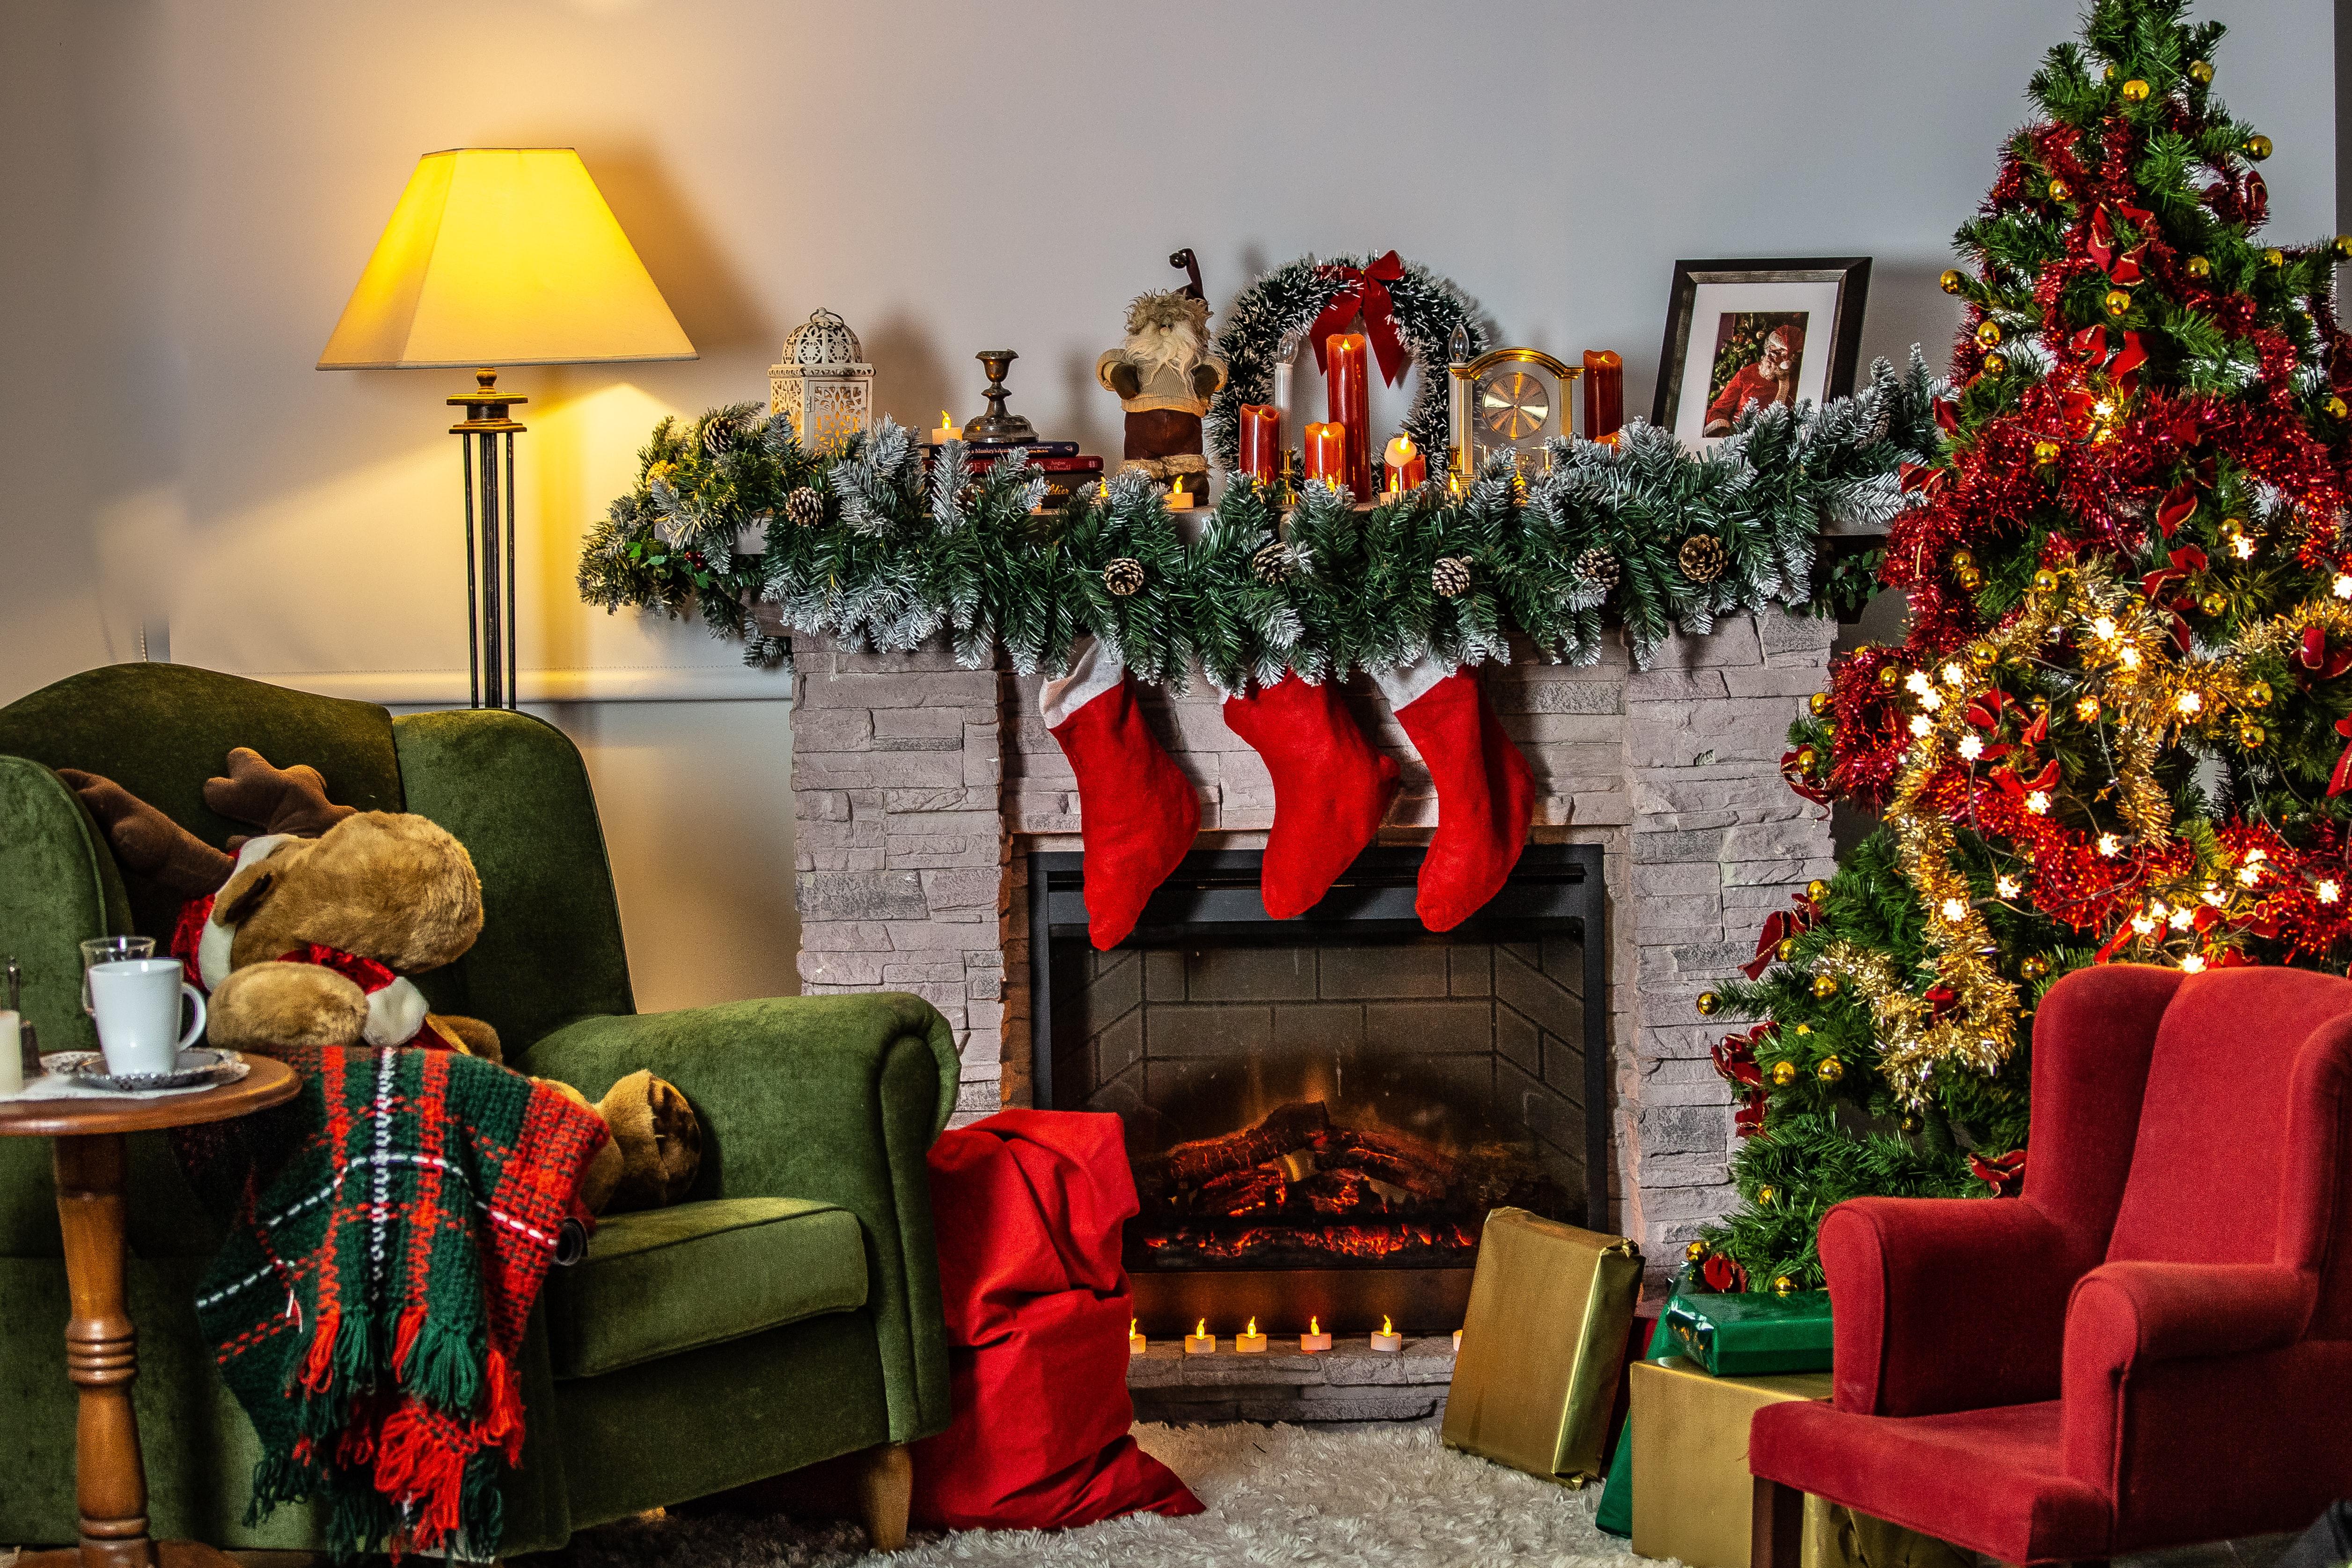 Christmas Stockings autour de la cheminée avec une décoration et une ambiance festive de Noël